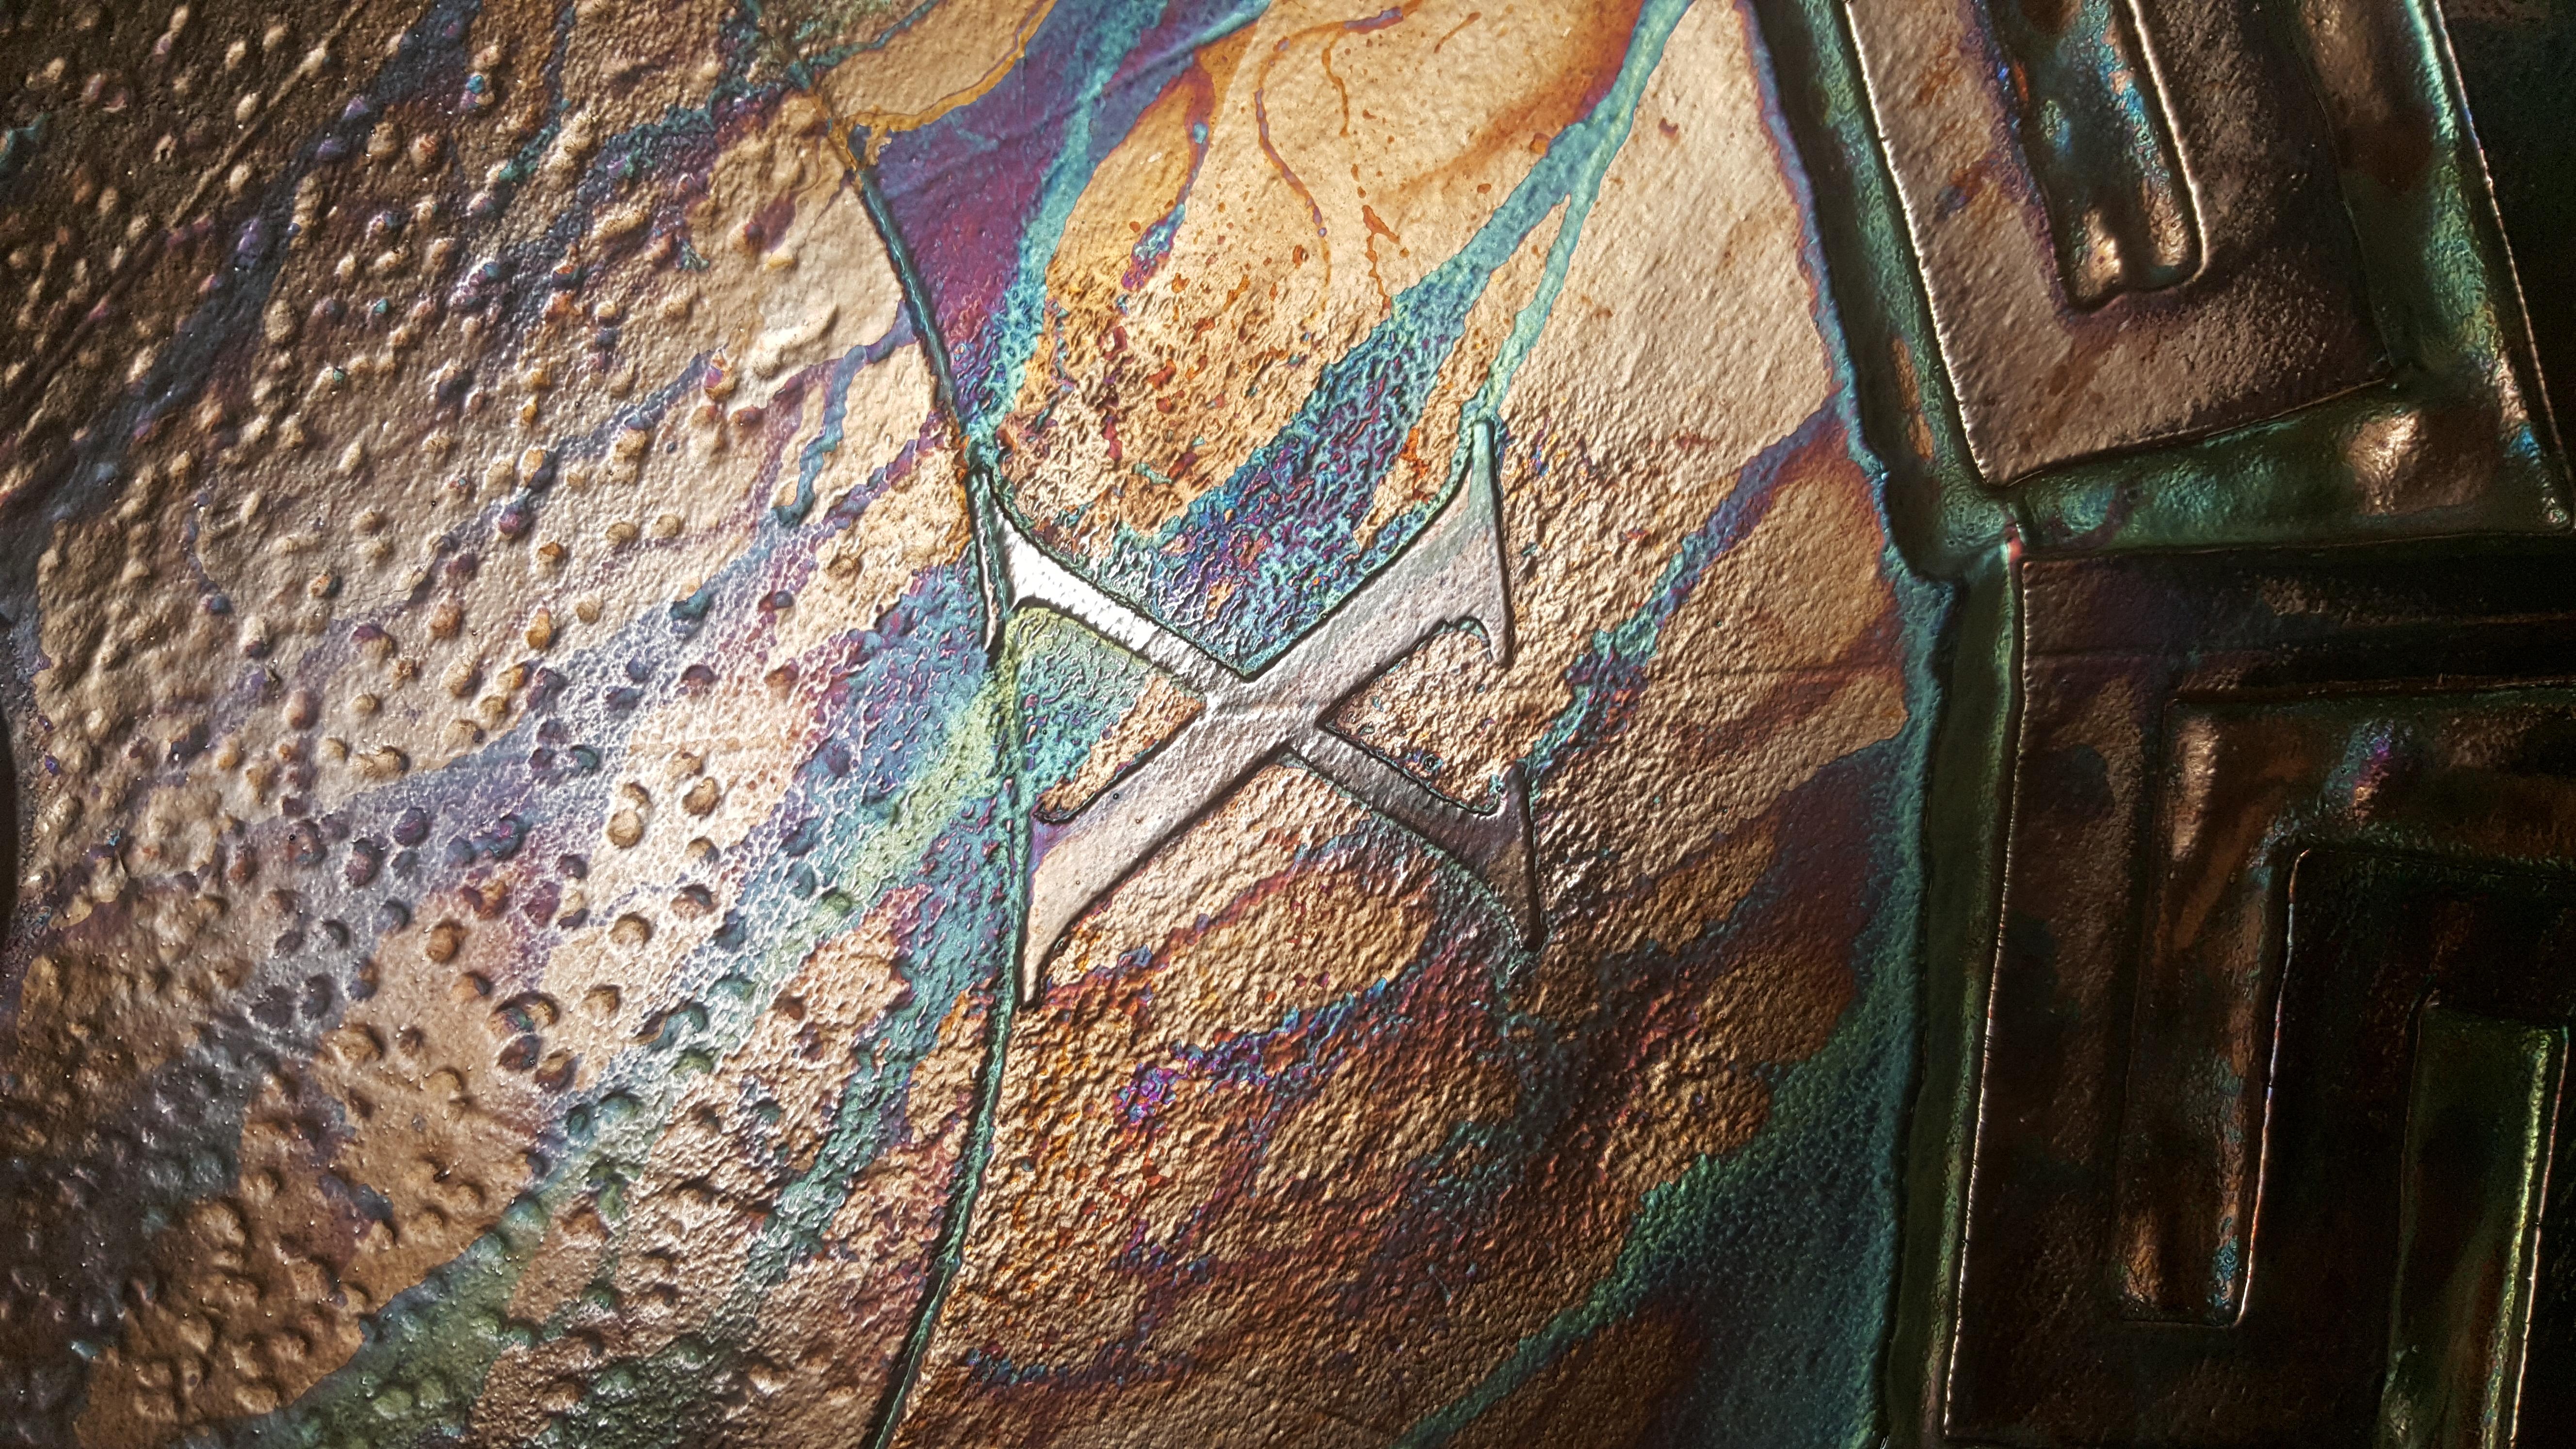 Closeup of texture and patina